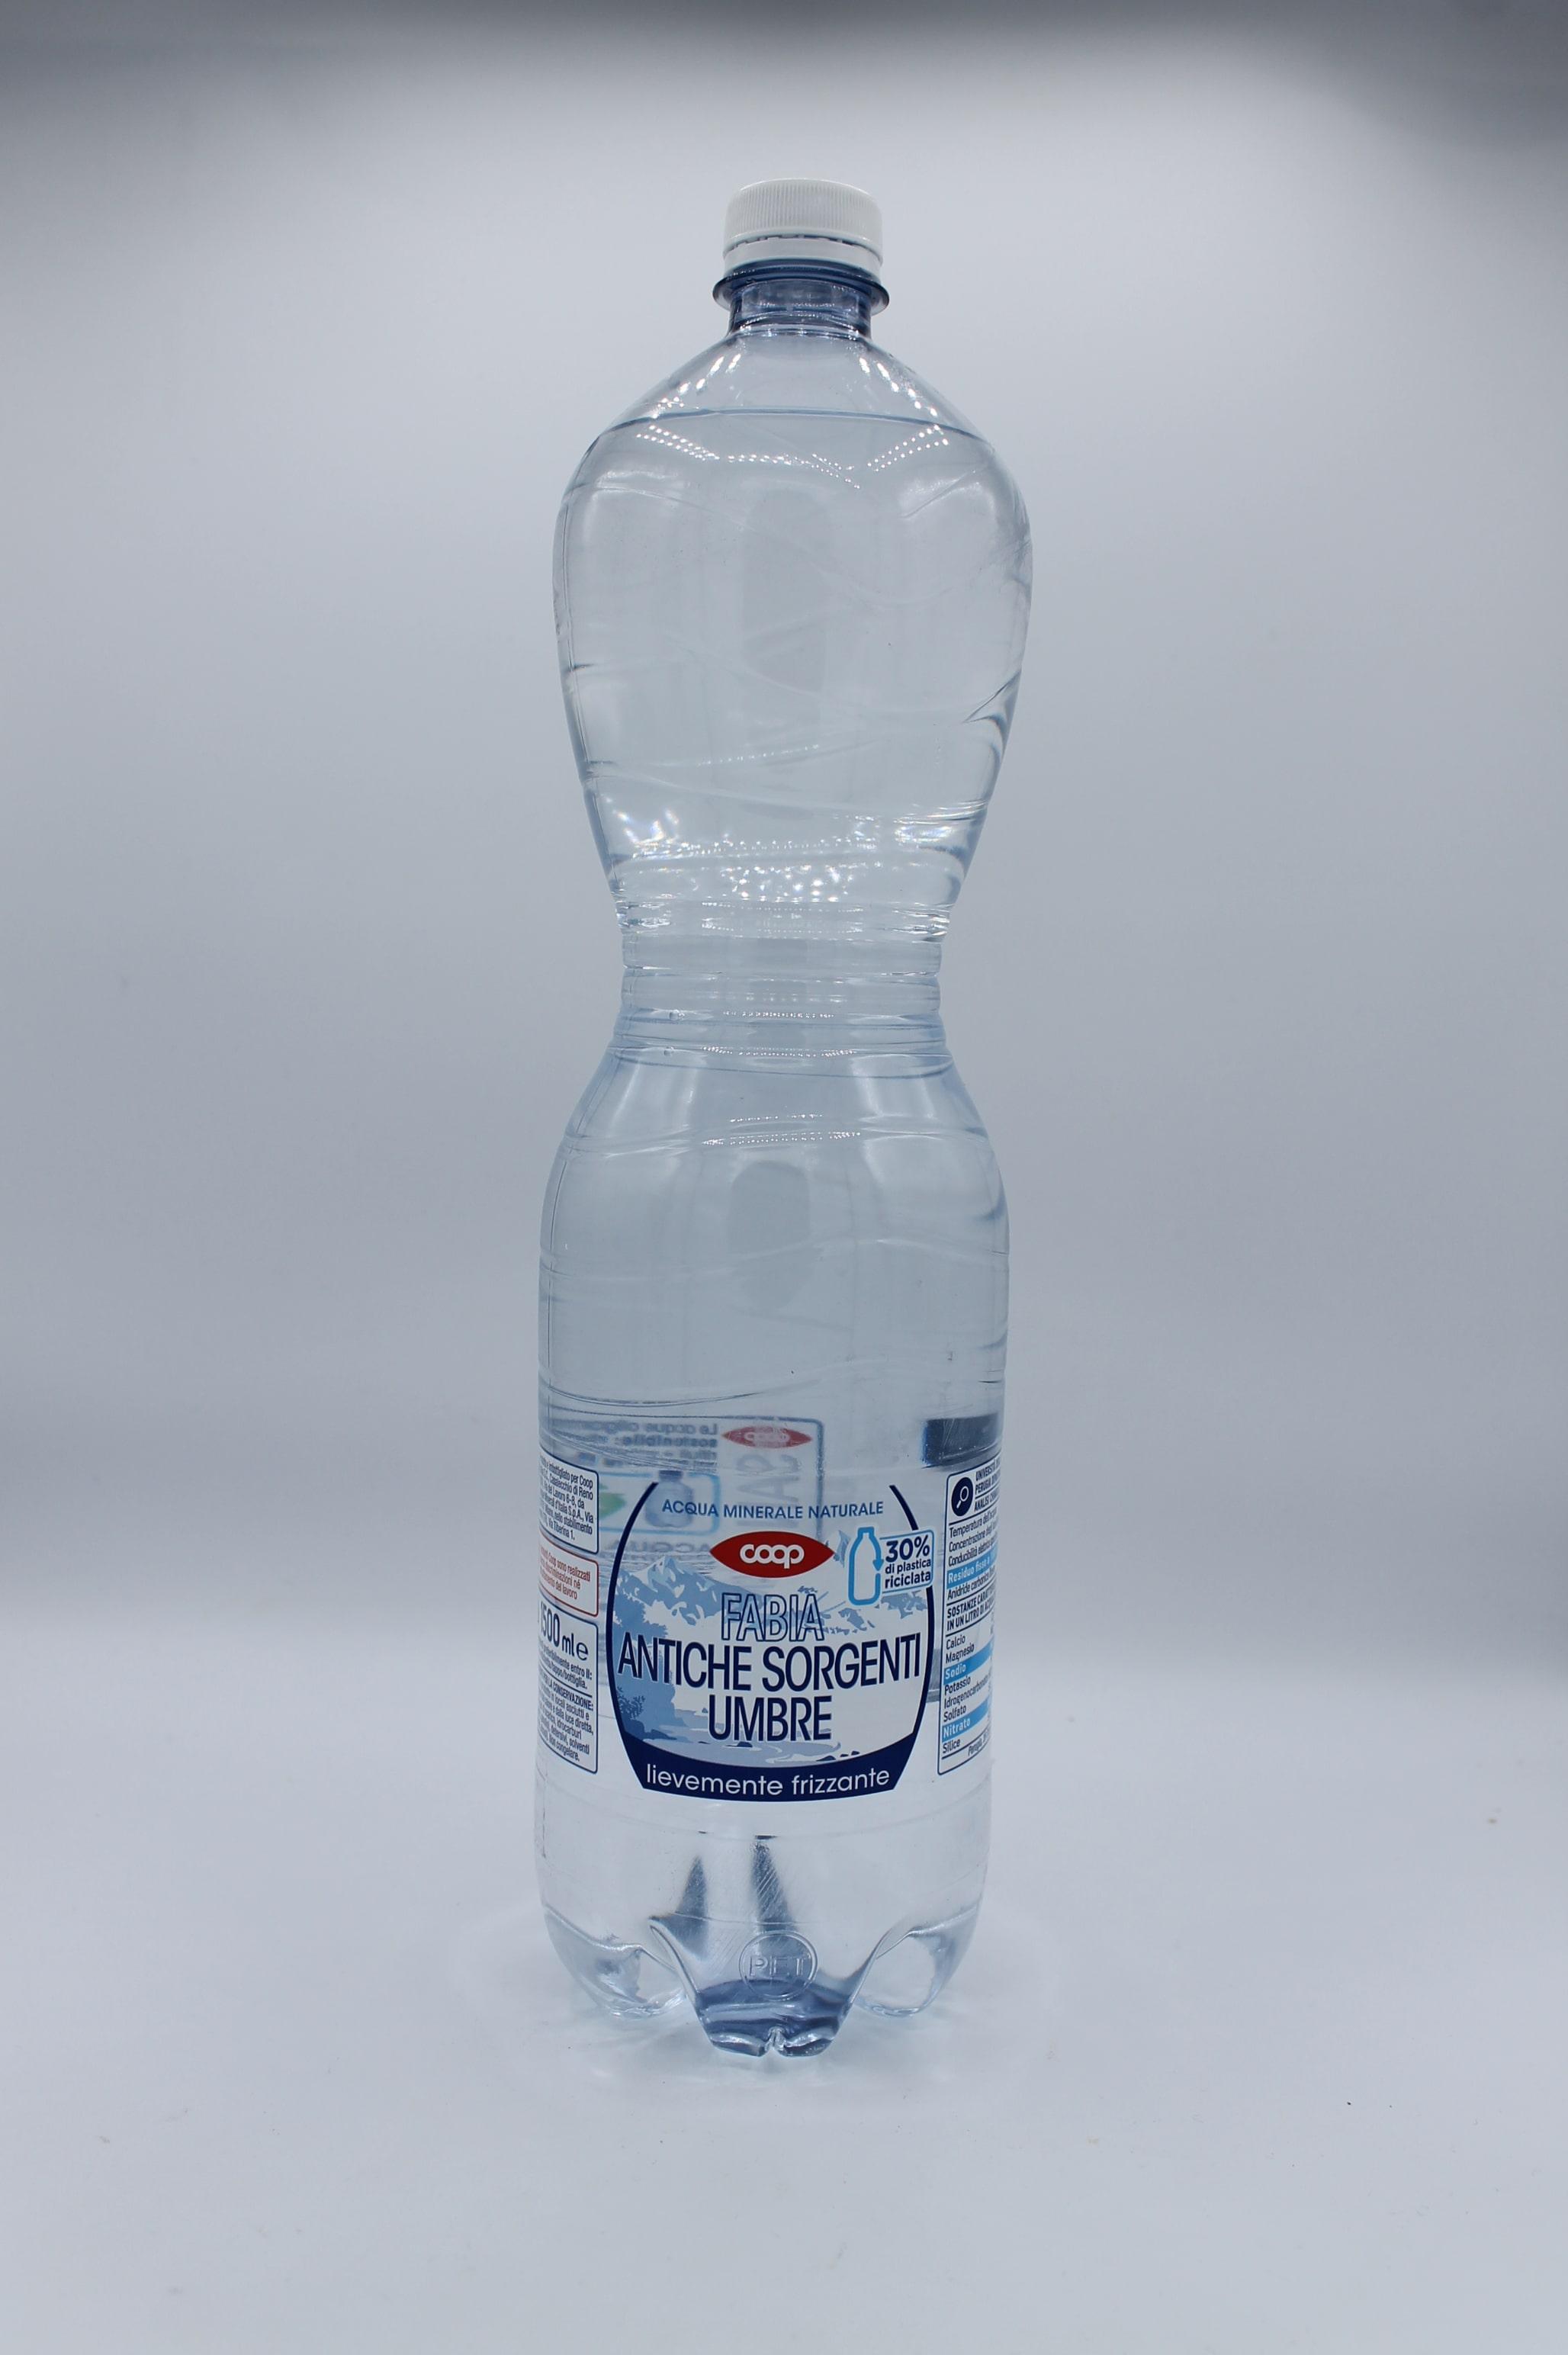 Coop acqua leggermente frizzante 1,5lt.